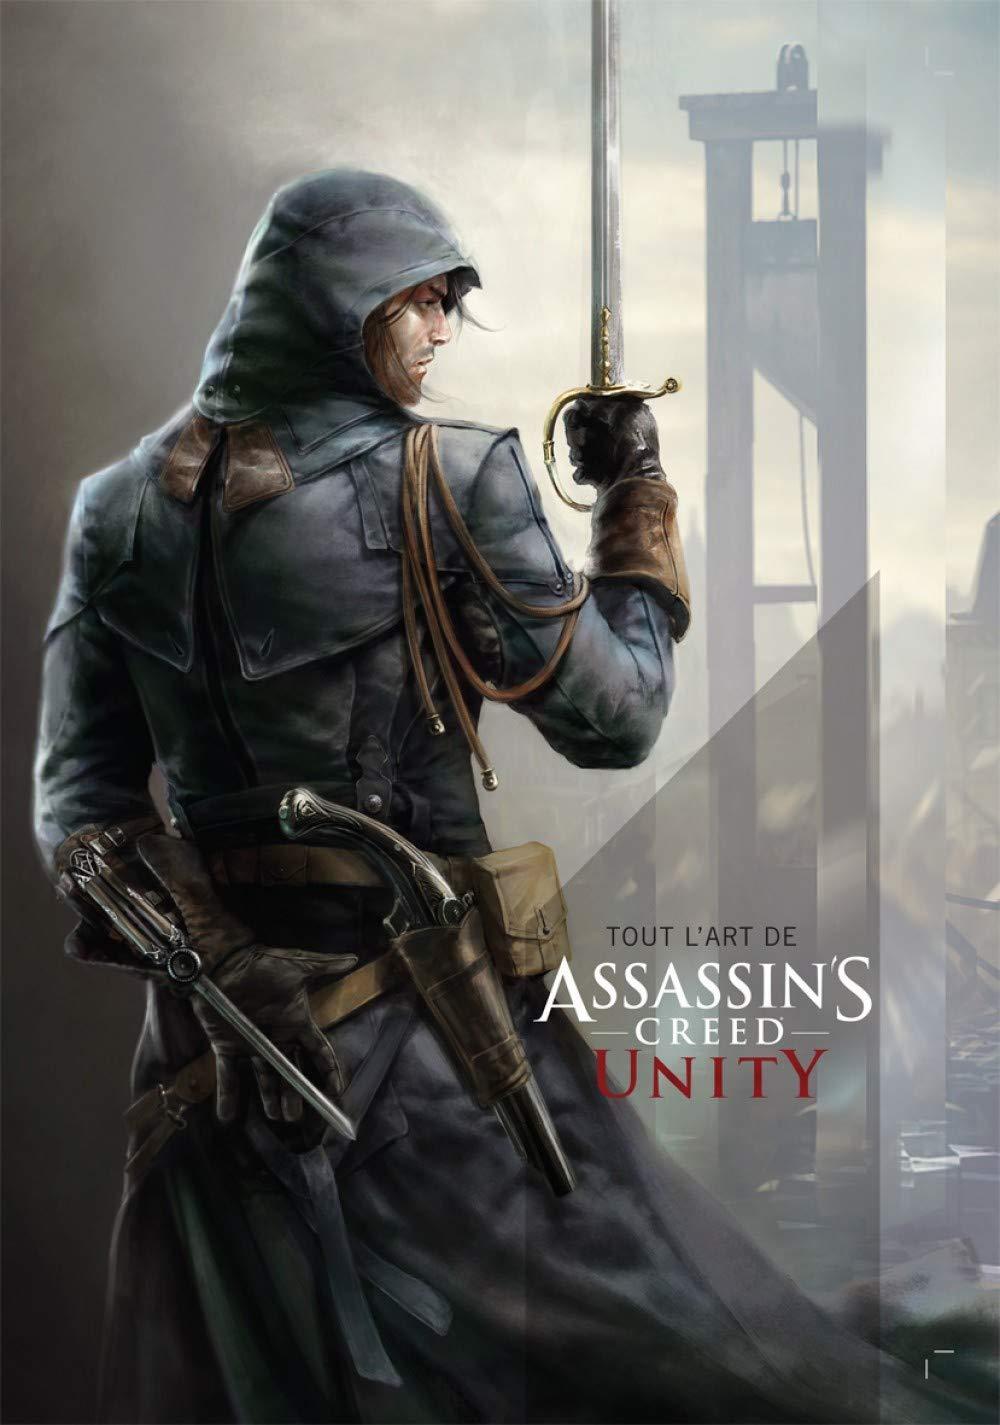 Tout l'art d'Assassin's Creed Unity 1 - Tout l'art d'Assassin's Creed Unity